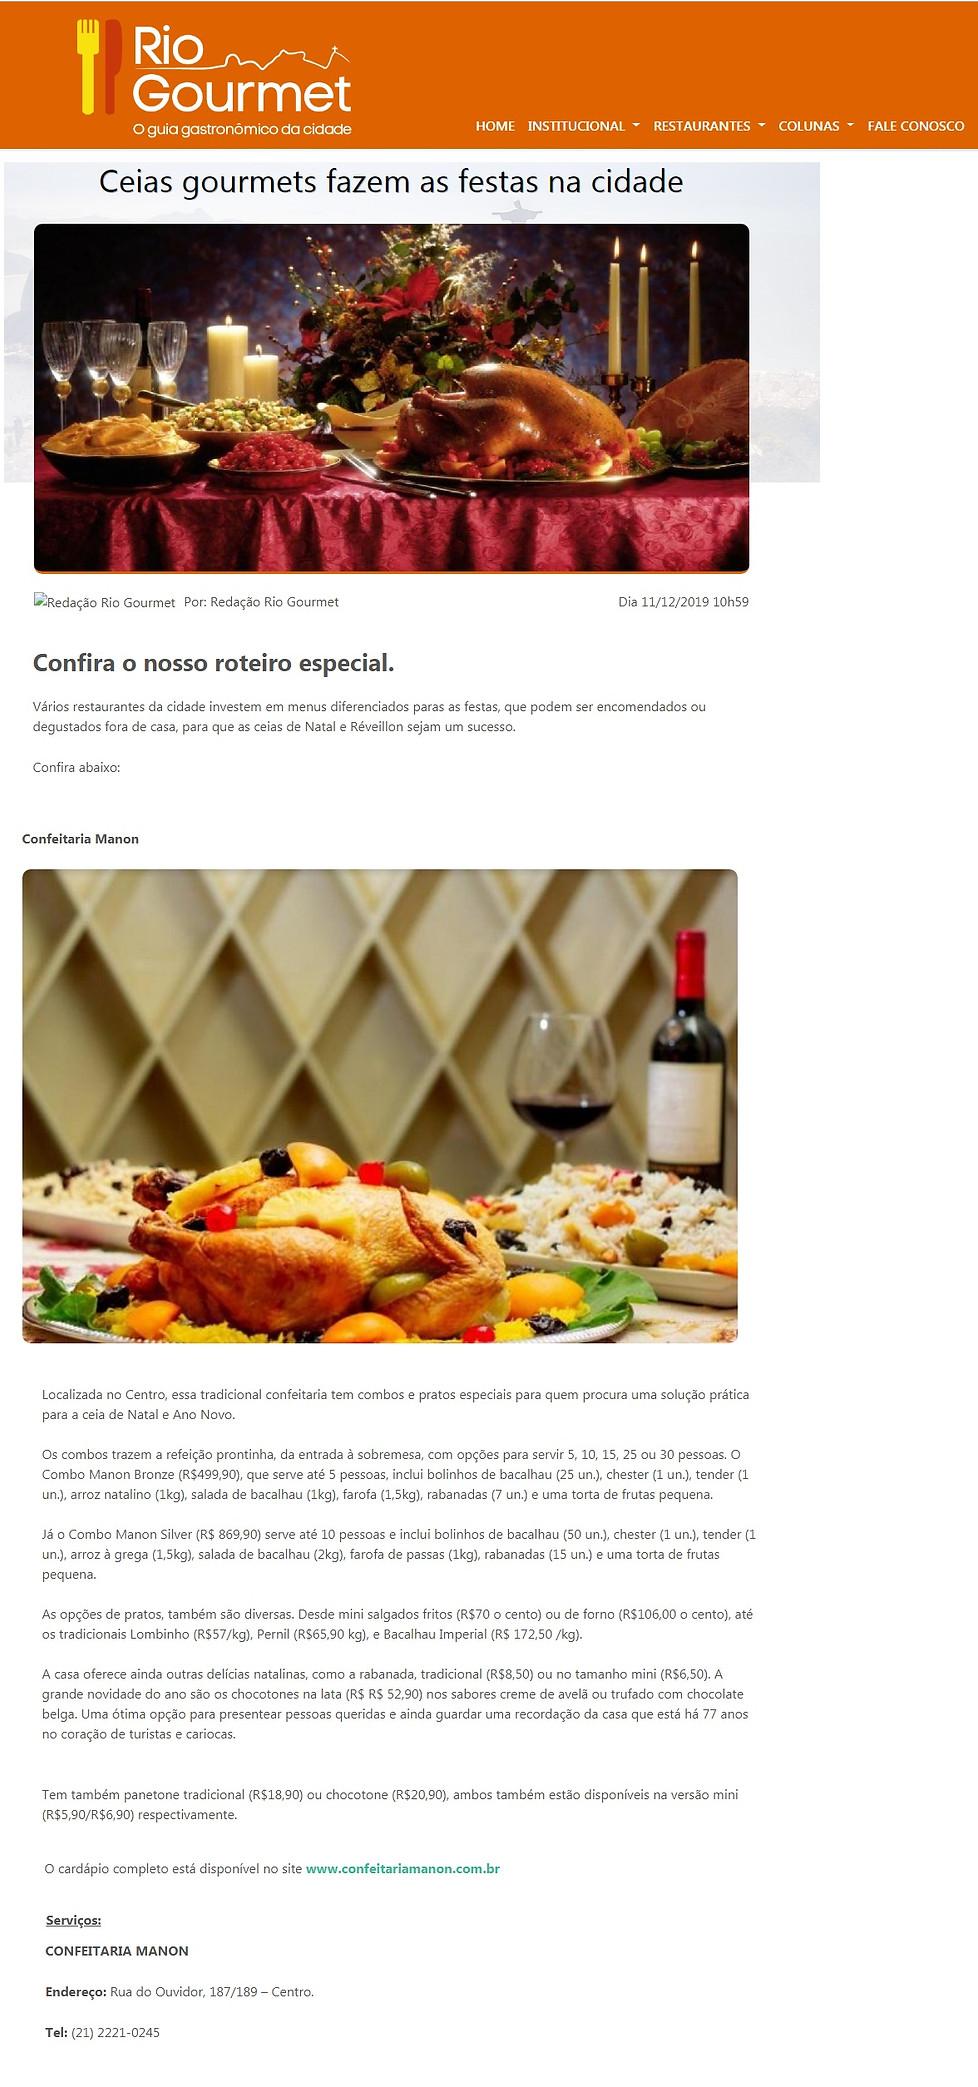 Manon Revista Rio Gourmet dezembro de 20